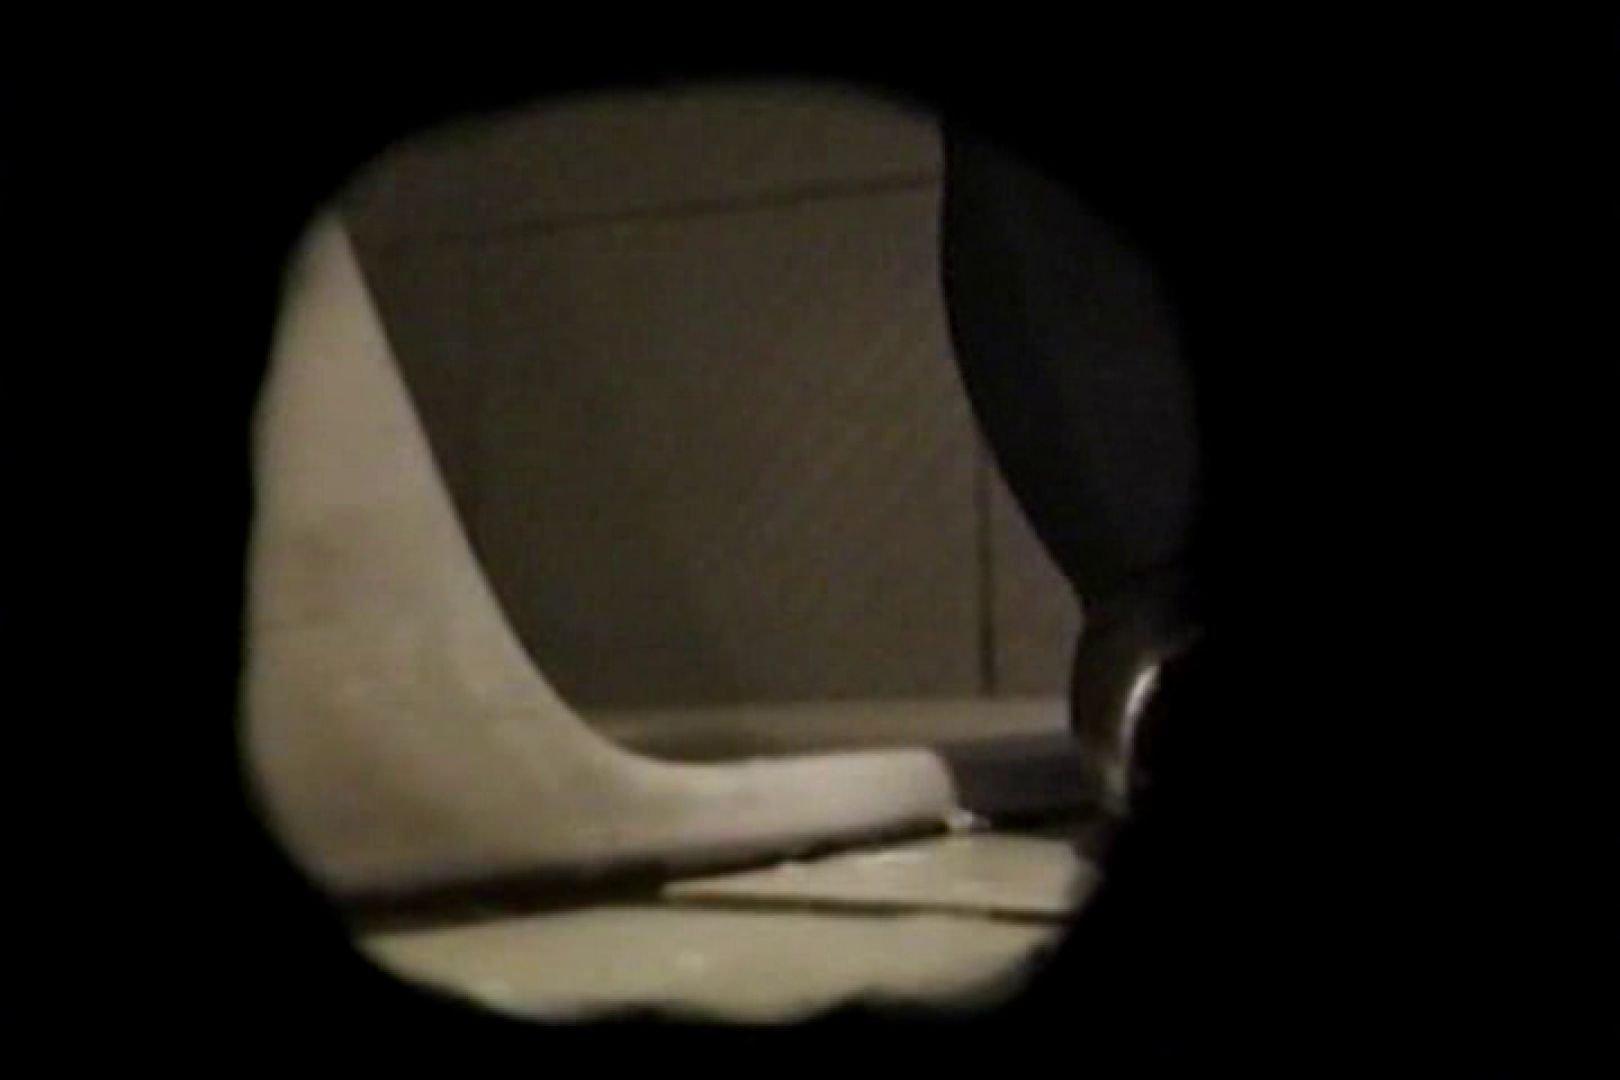 盗撮 女子洗面所3ヶ所入ってしゃがんで音出して プライベート  109連発 56